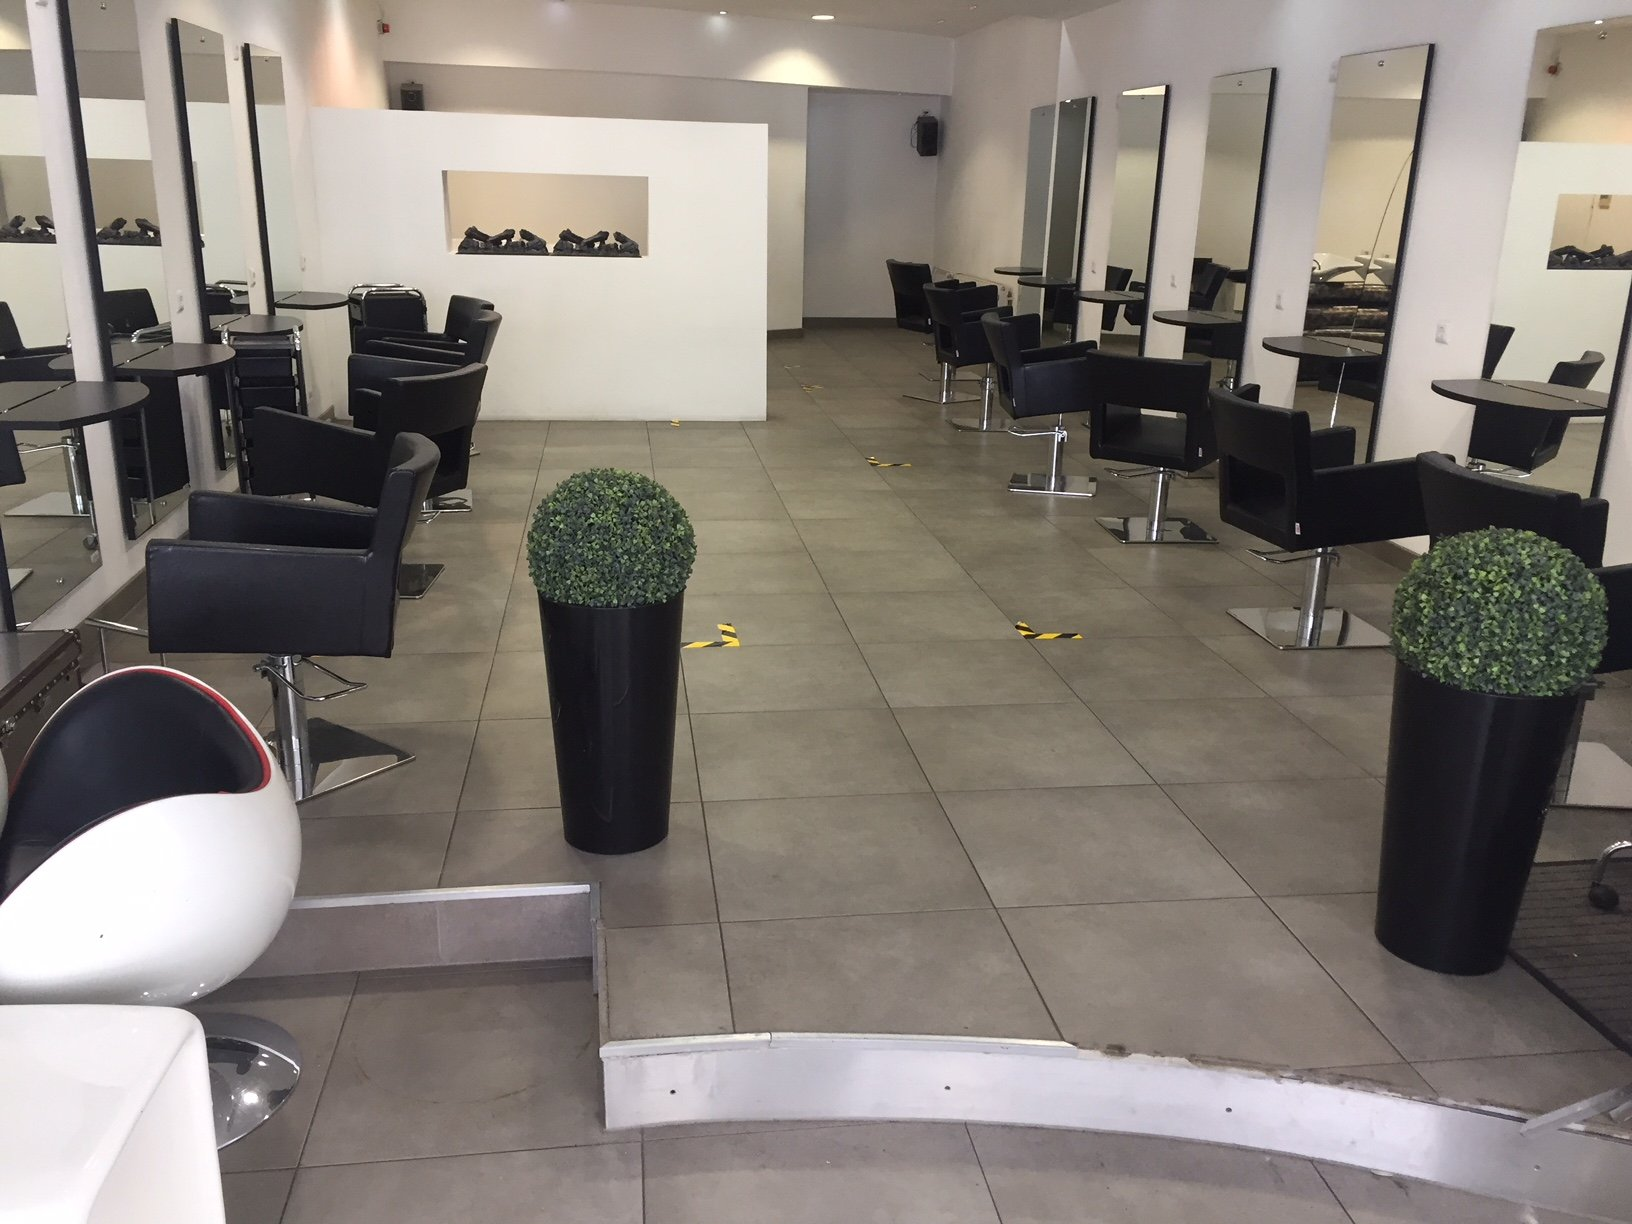 Wo früher Haare geschnitten wurden, wird heute am Rande der Frankfurter Skyline eingelocht.